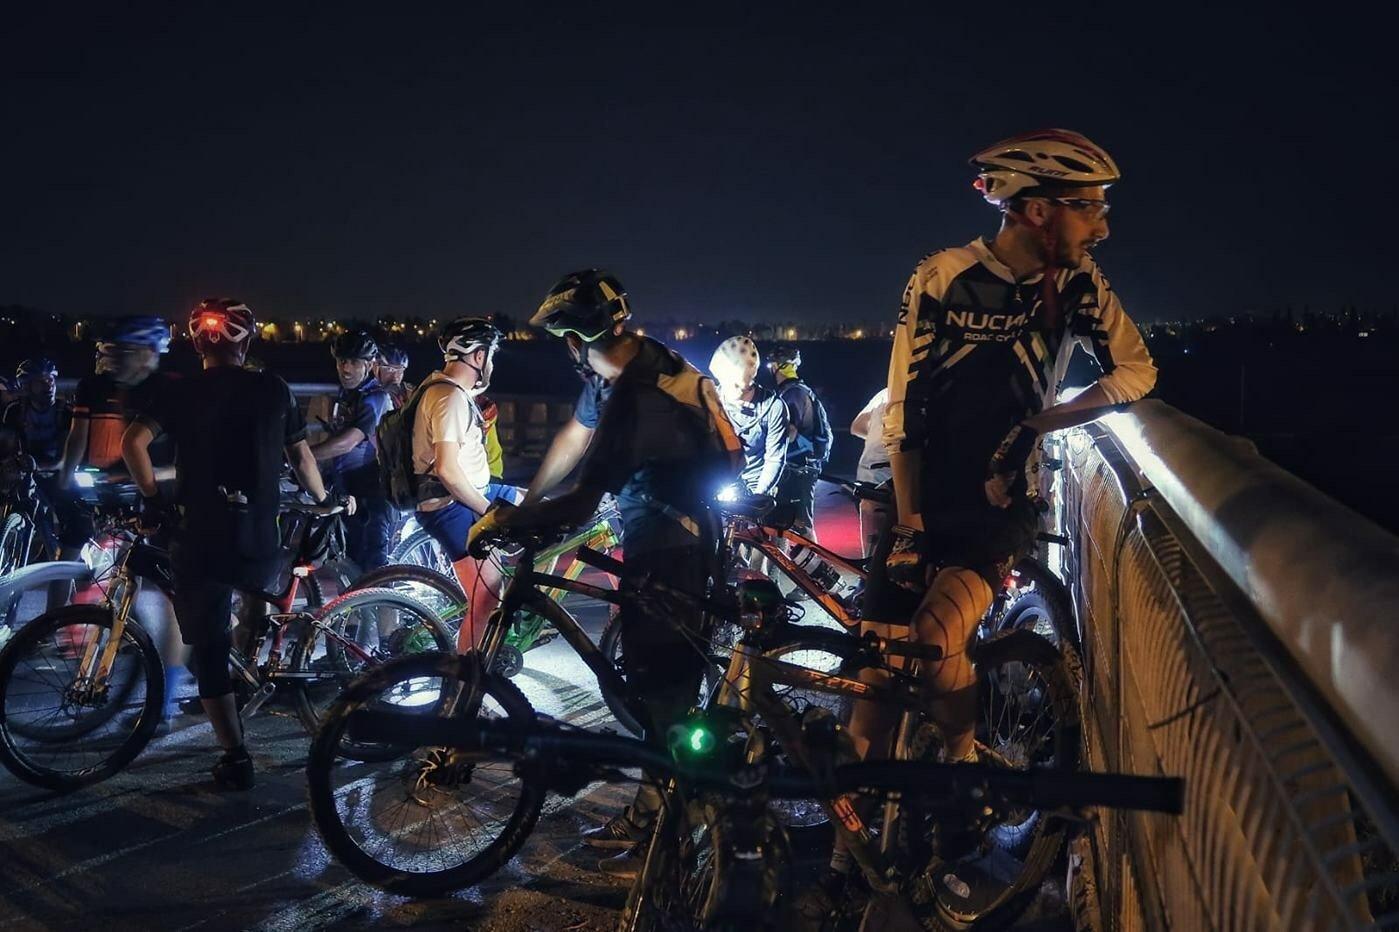 مشاركة فحماوية في ركوب مسافة 44.2 كيلومتر في مرج ابن عامر